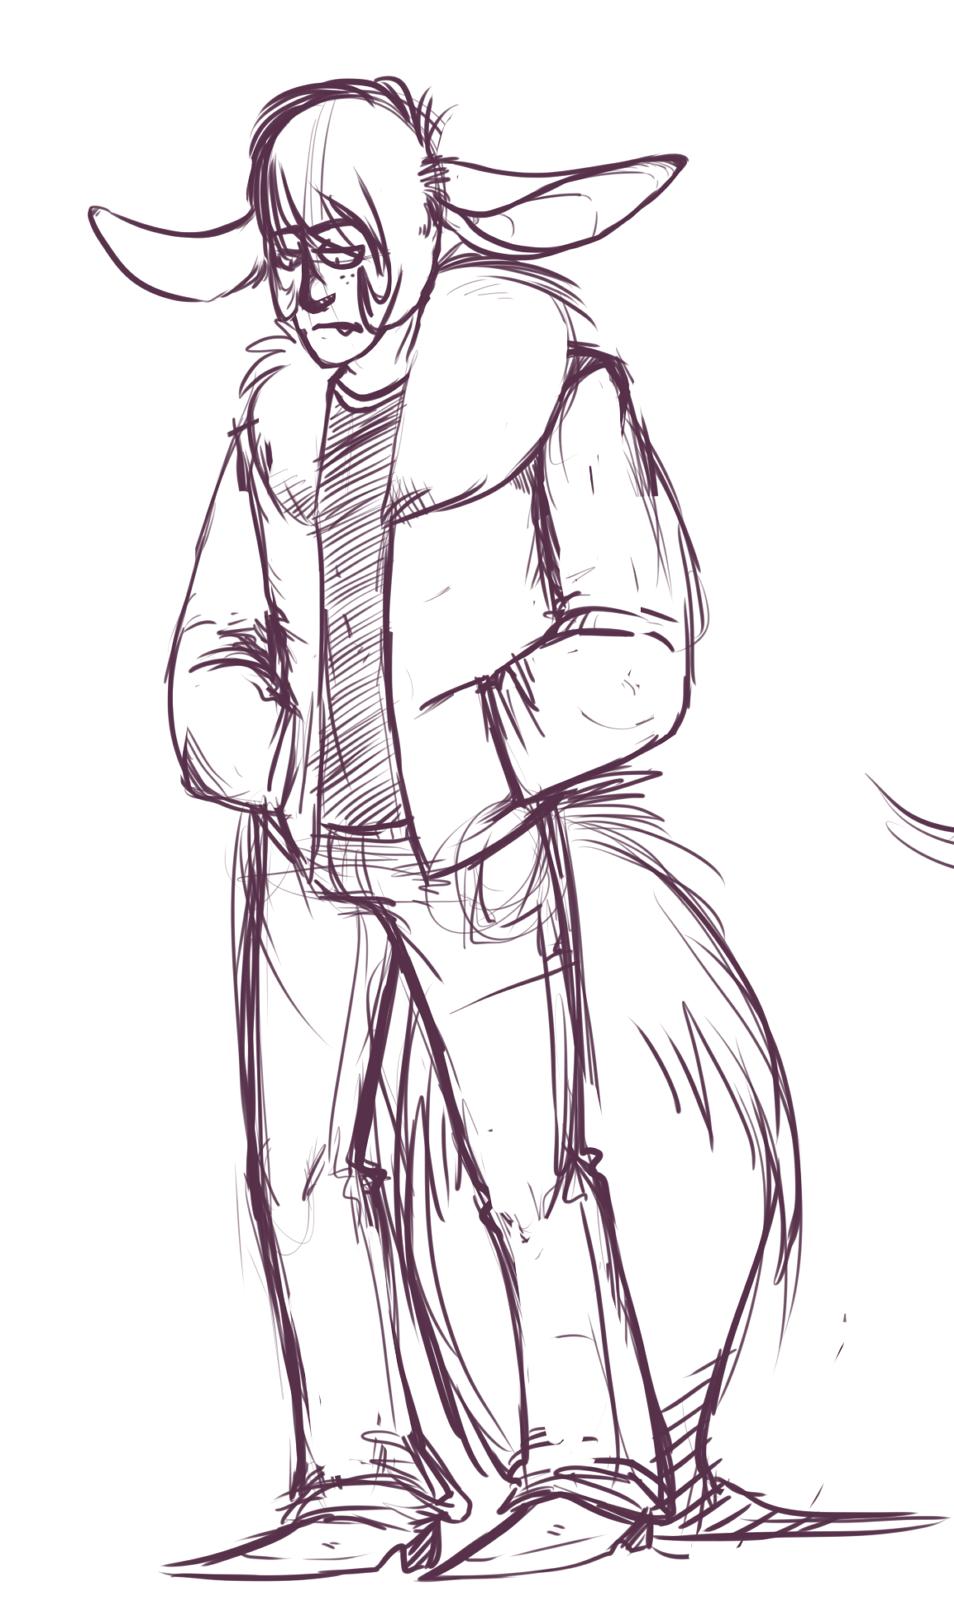 sketches are pretty fun yo